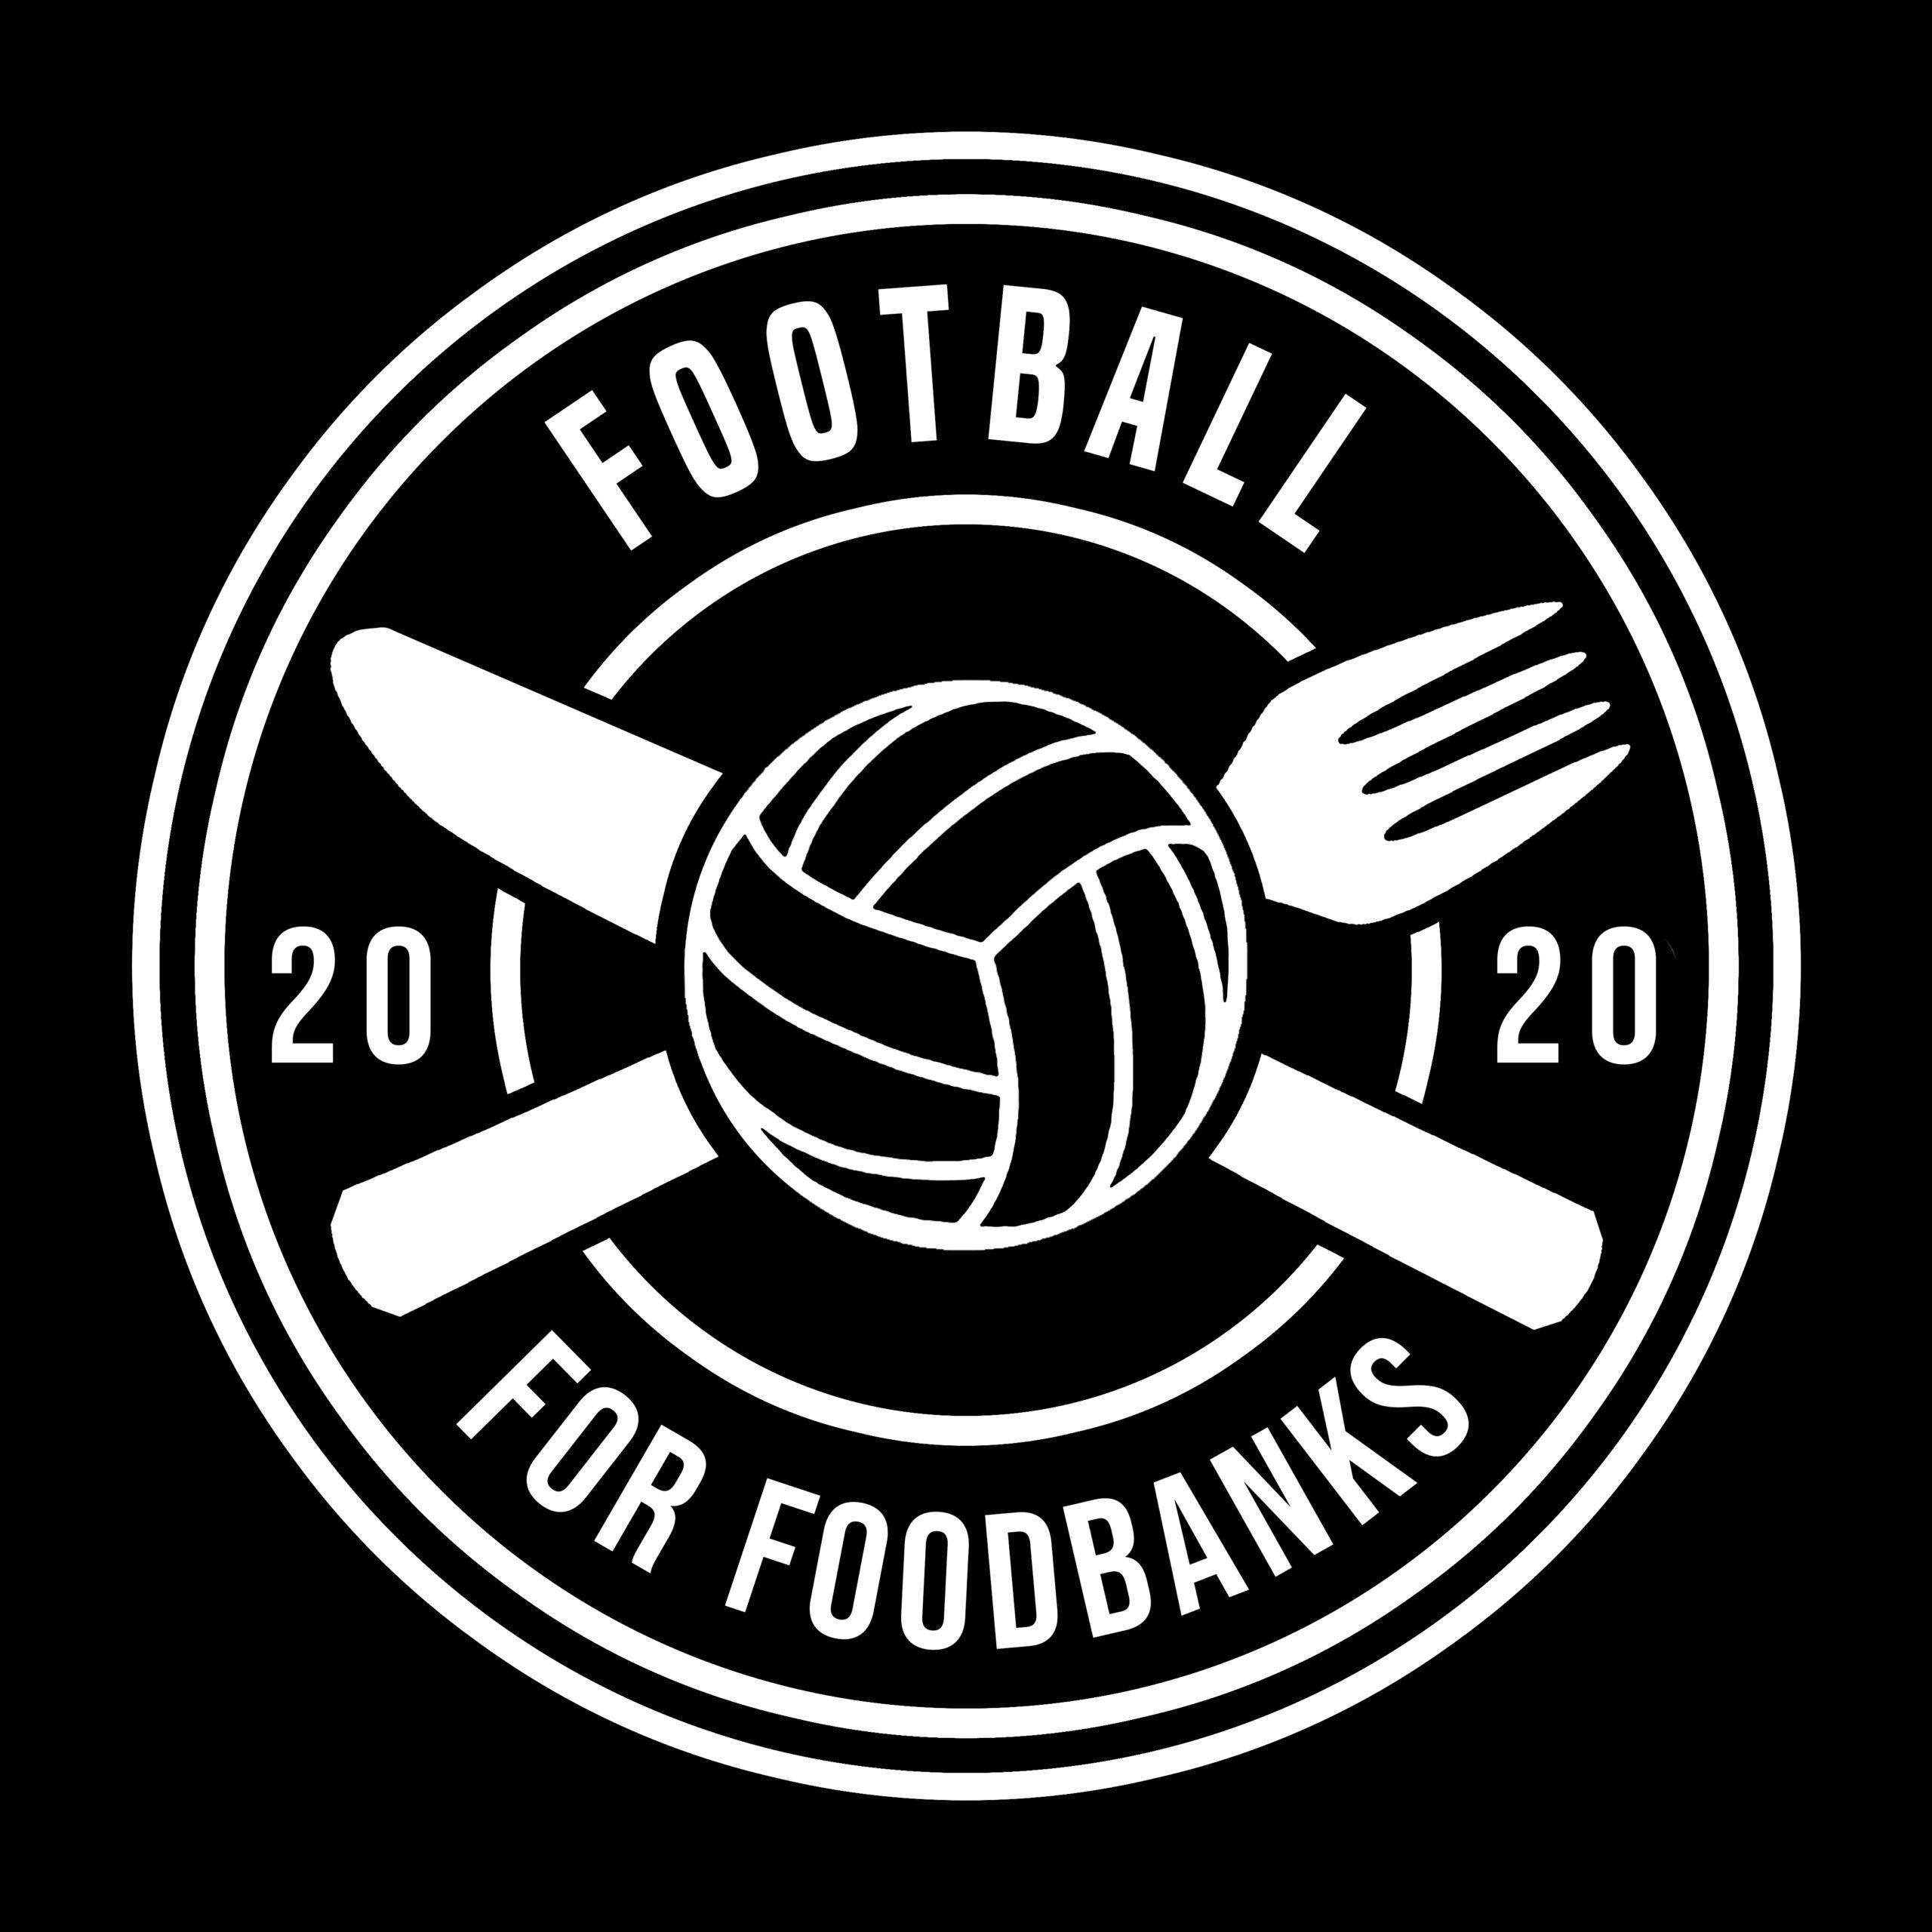 Football For Foodbanks CIC